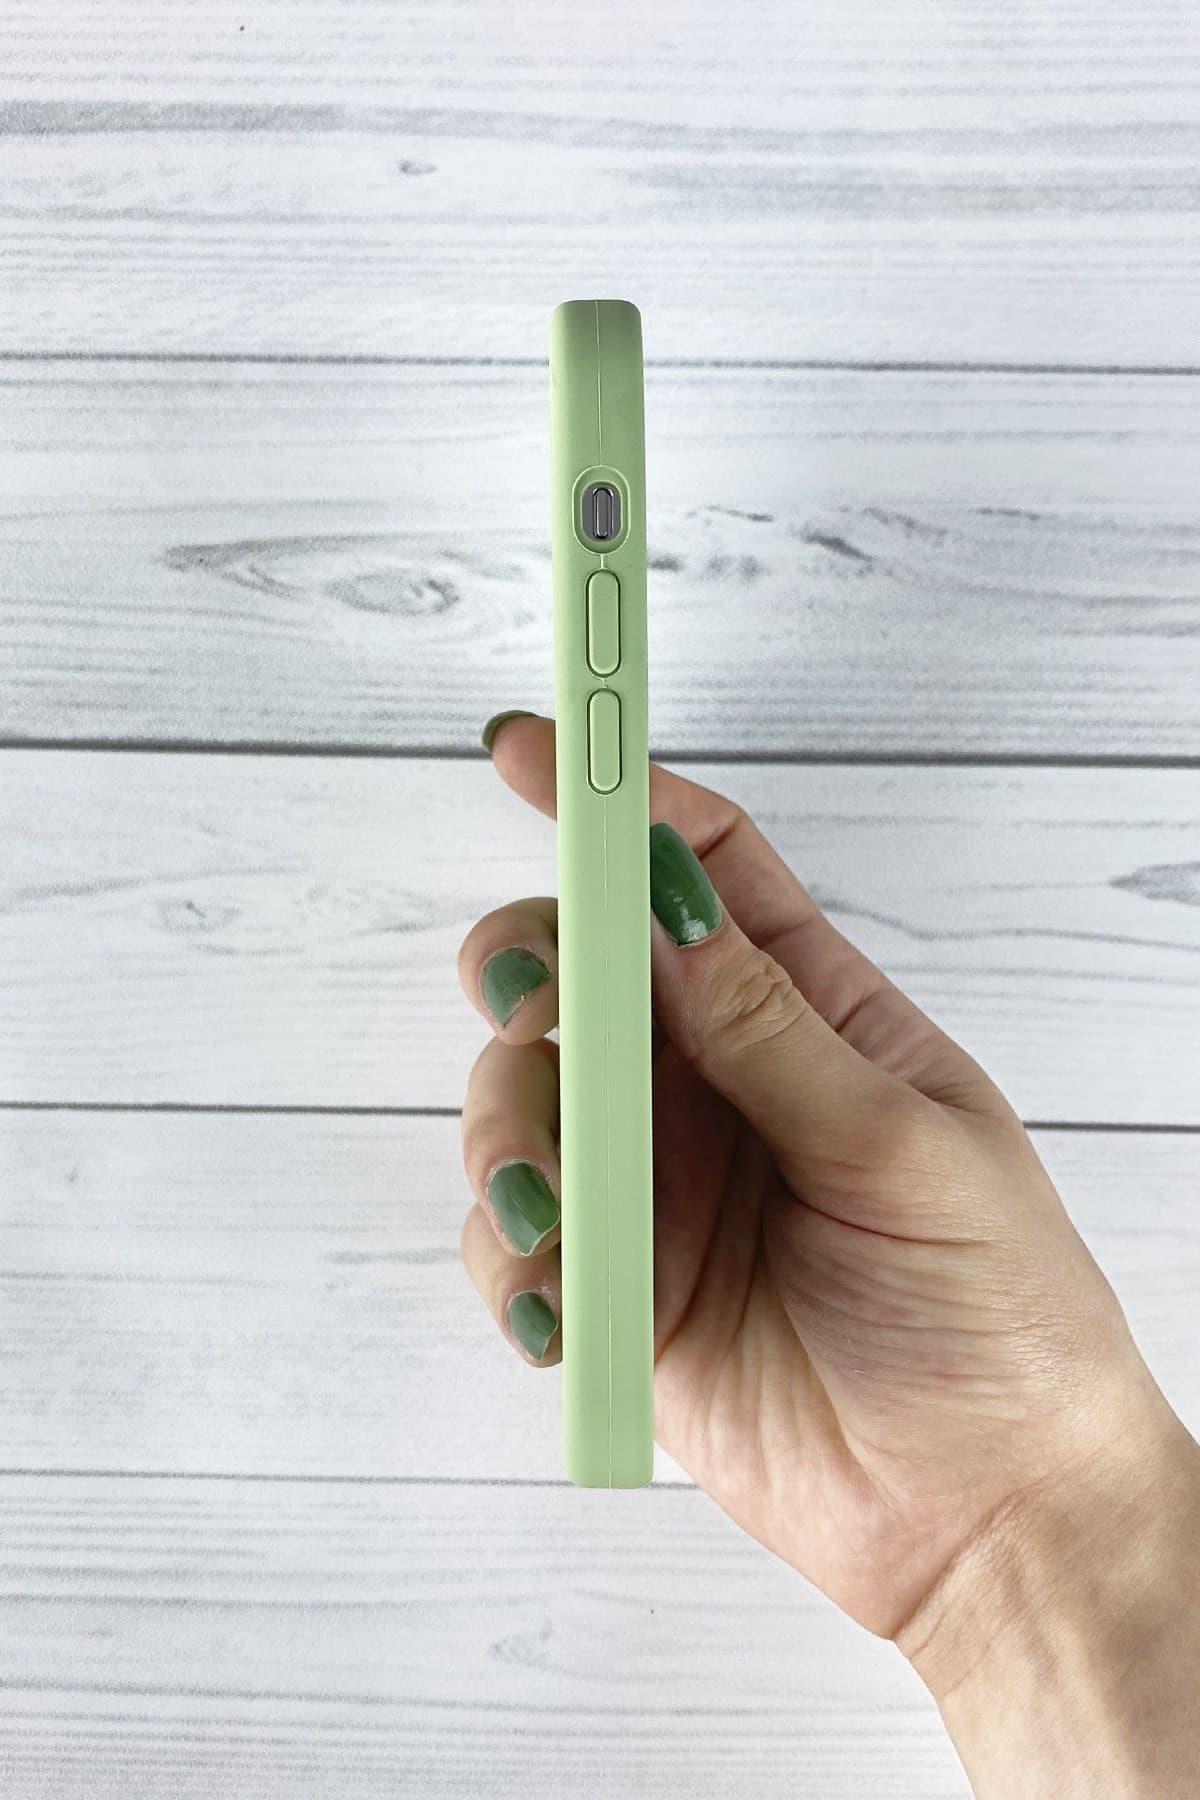 Iphone Fıstık Yeşili Lansman Kılıf 12 Mini